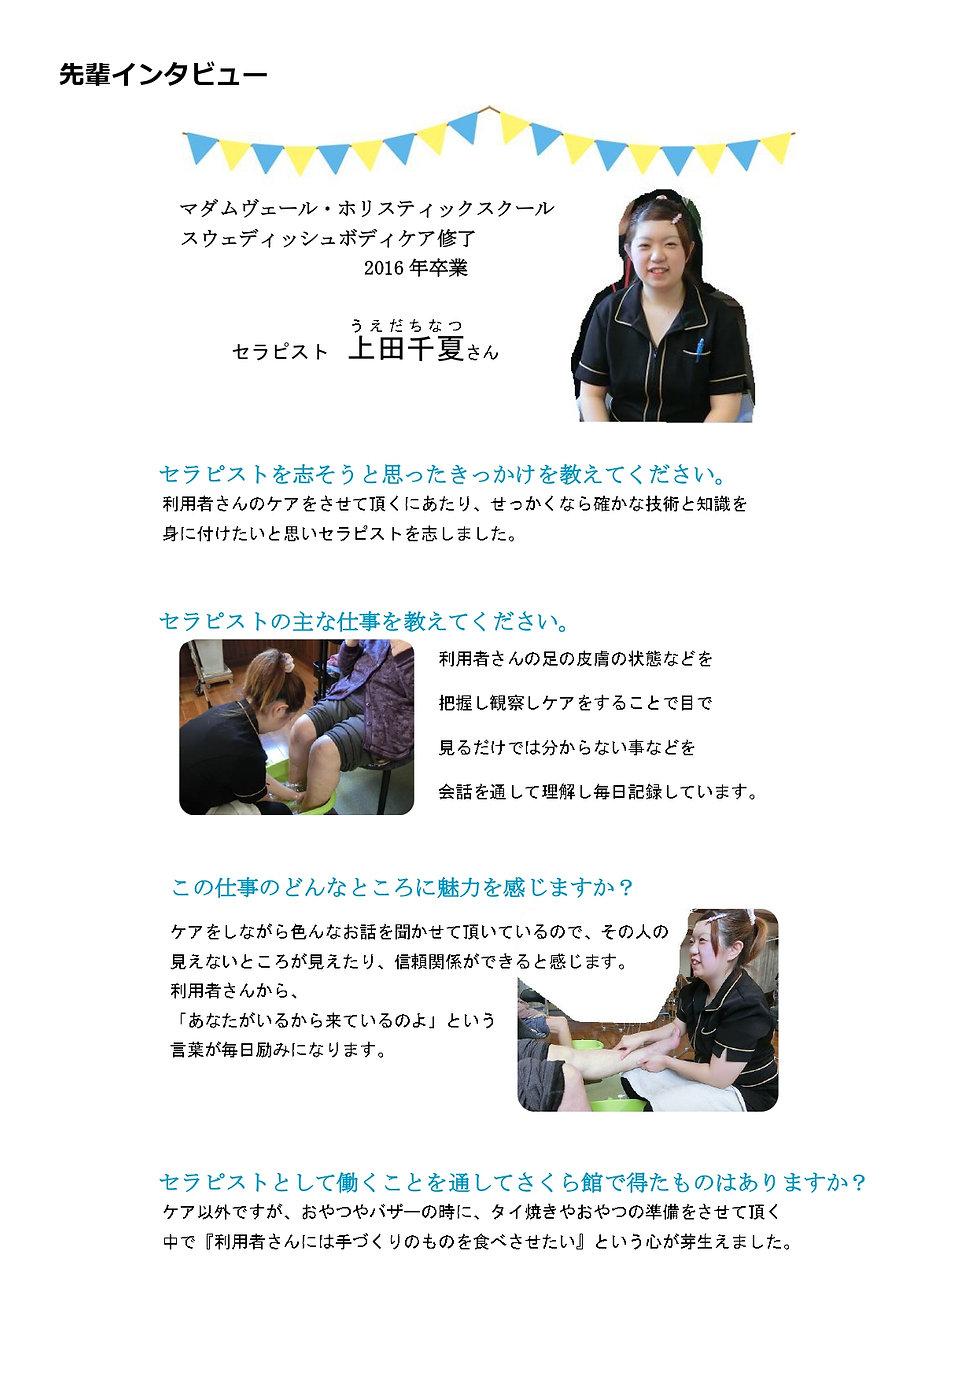 先輩インタビュー_page-0001.jpg